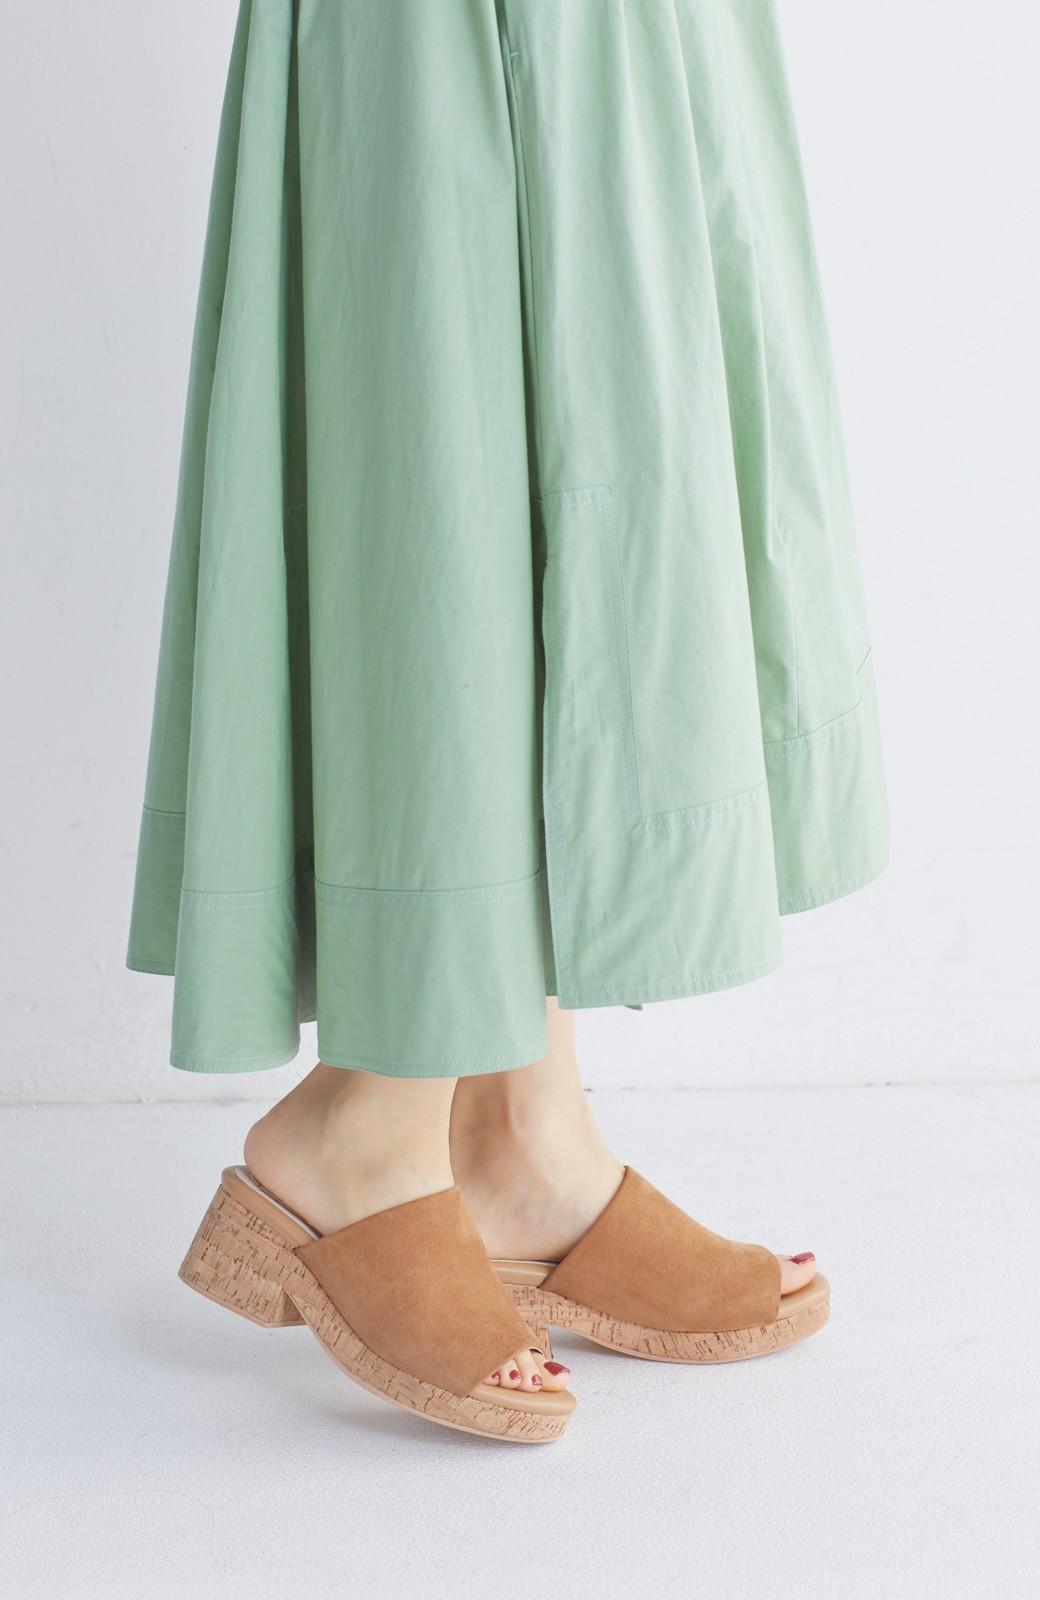 nusy 低&高反発で歩きやすい サボみたいにすぽっとはけるオープントゥサンダル <キャメル>の商品写真3